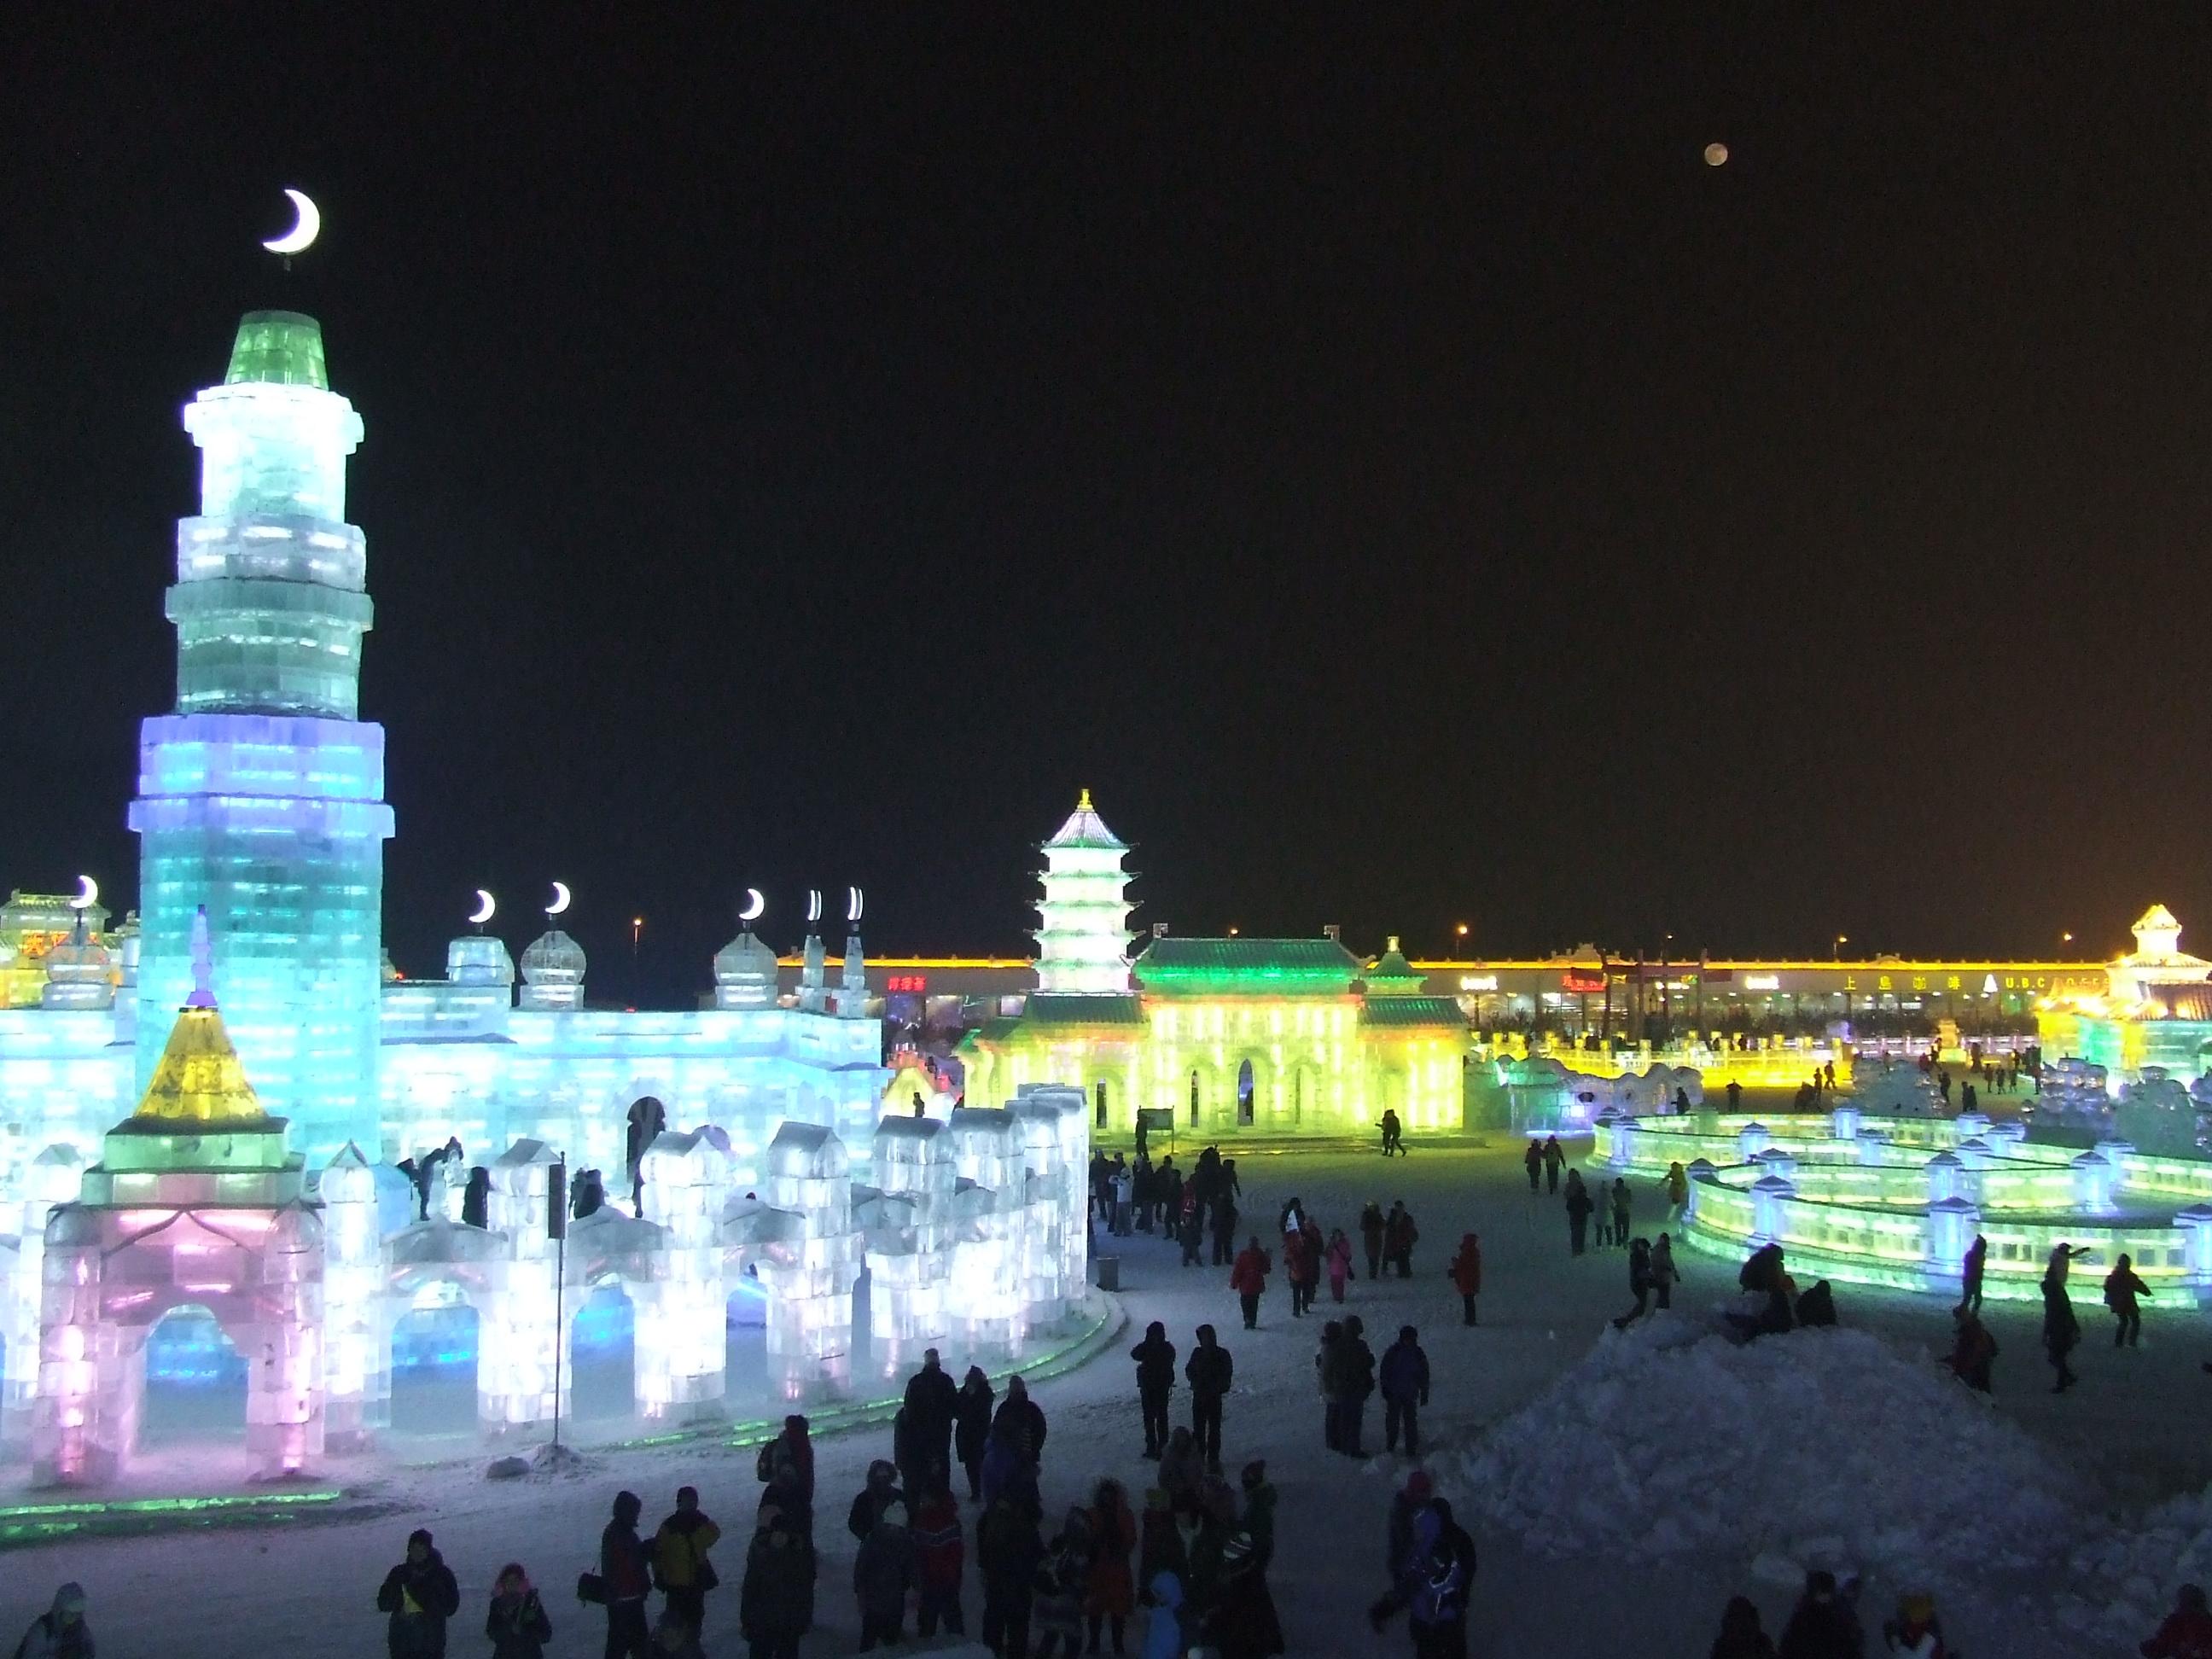 פסטיבל הקרח בחרבין